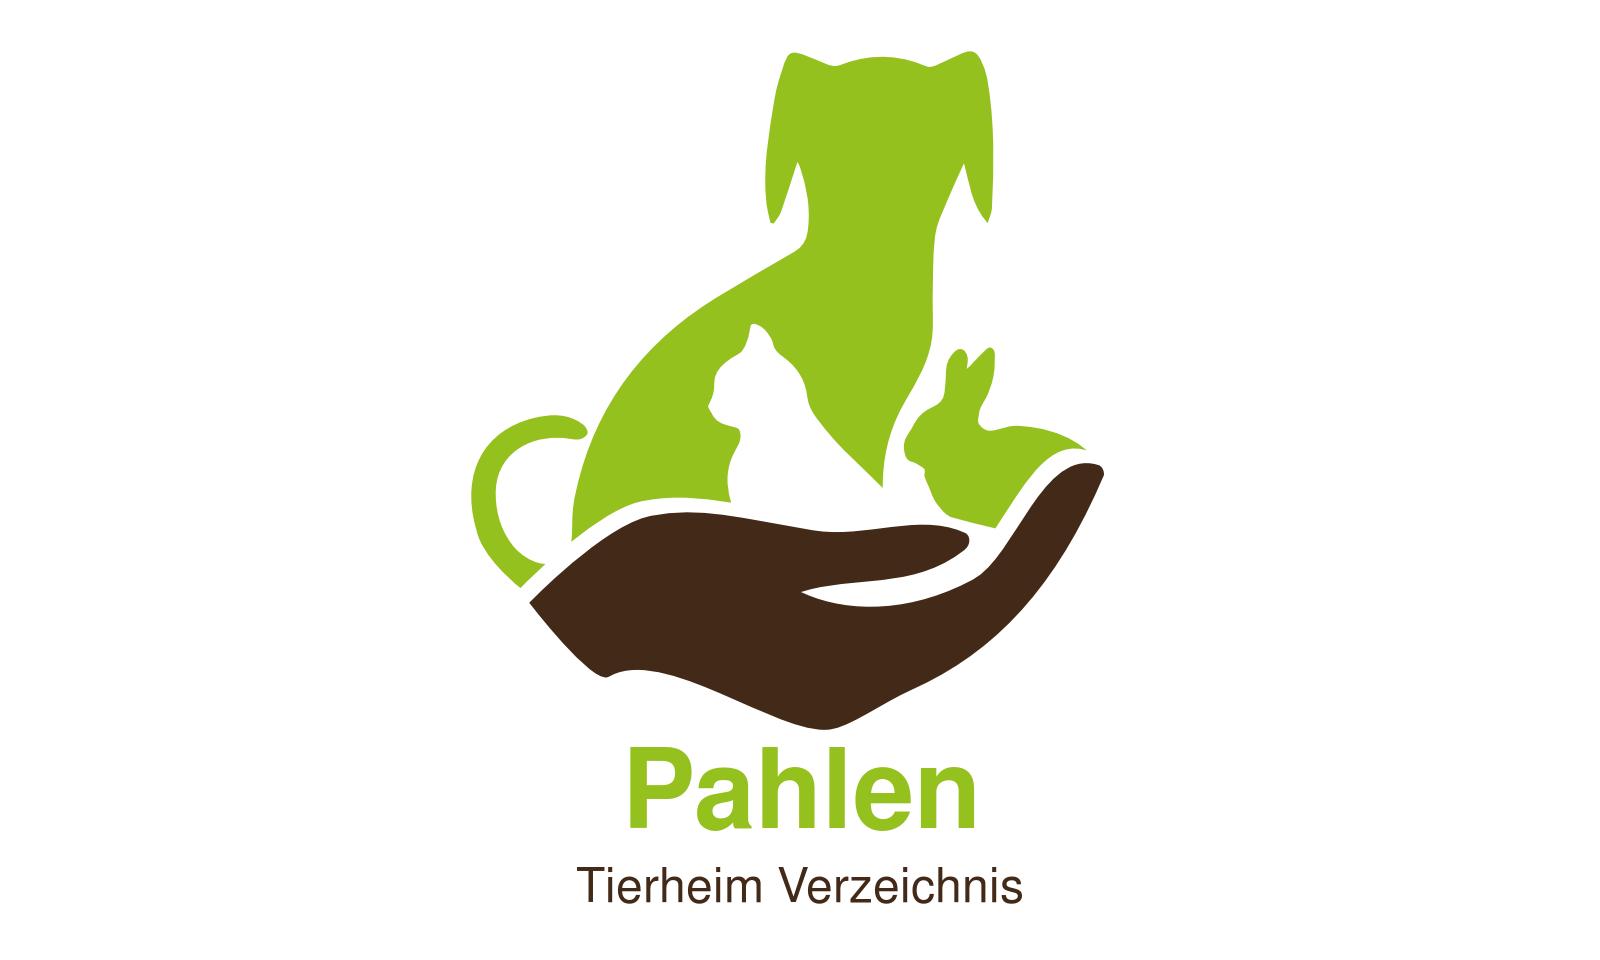 Tierheim Pahlen